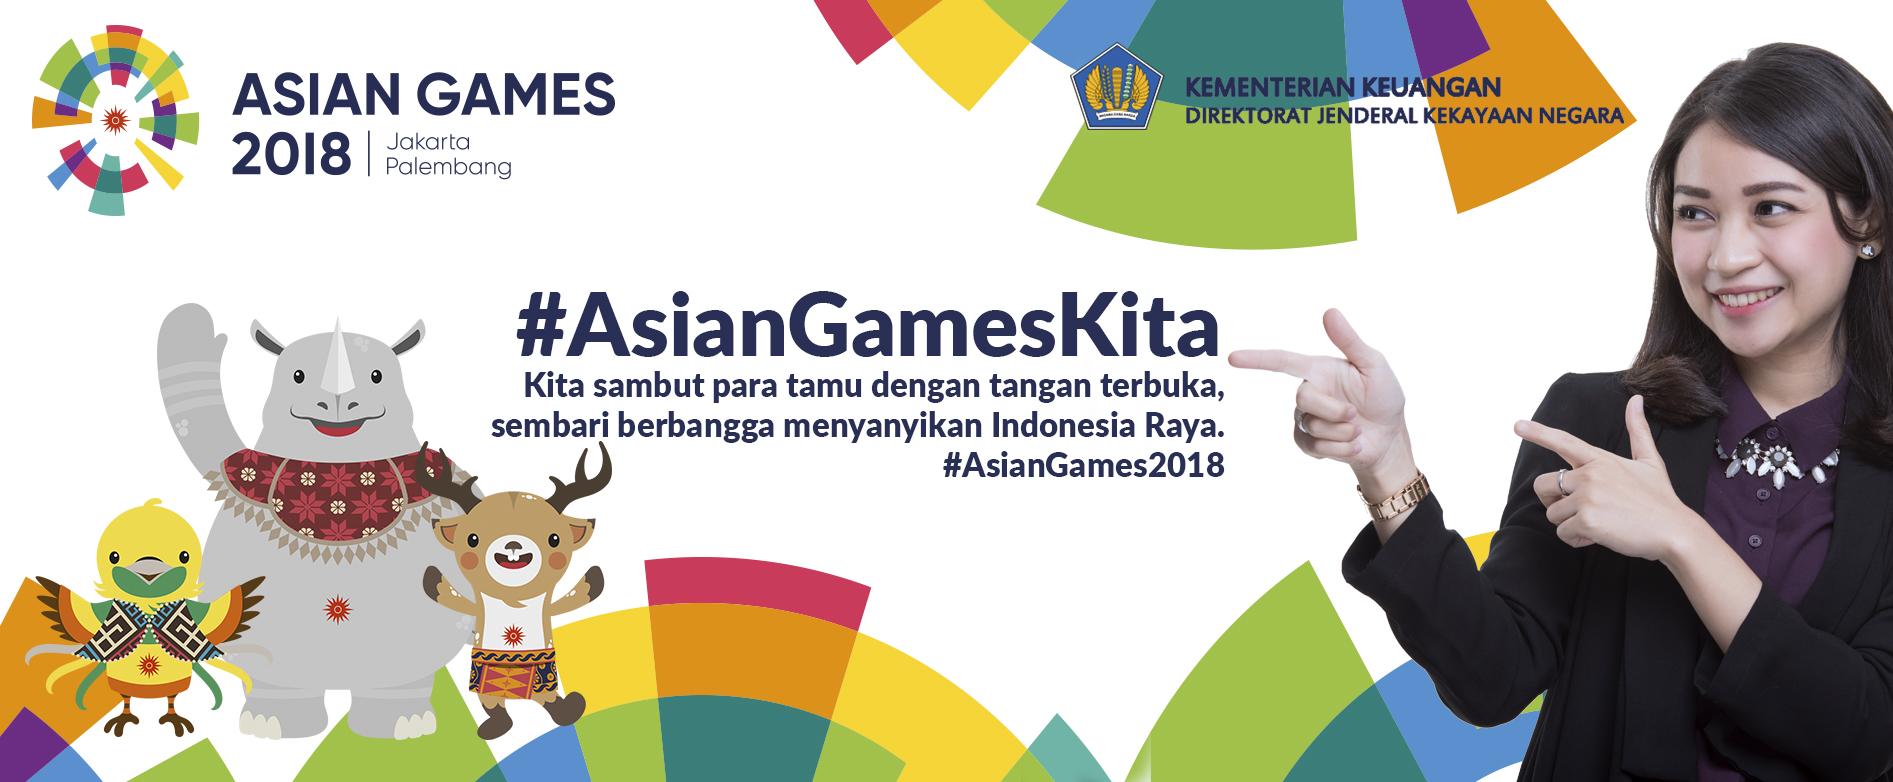 MARI SUKSESKAN ASIAN GAMES 2018